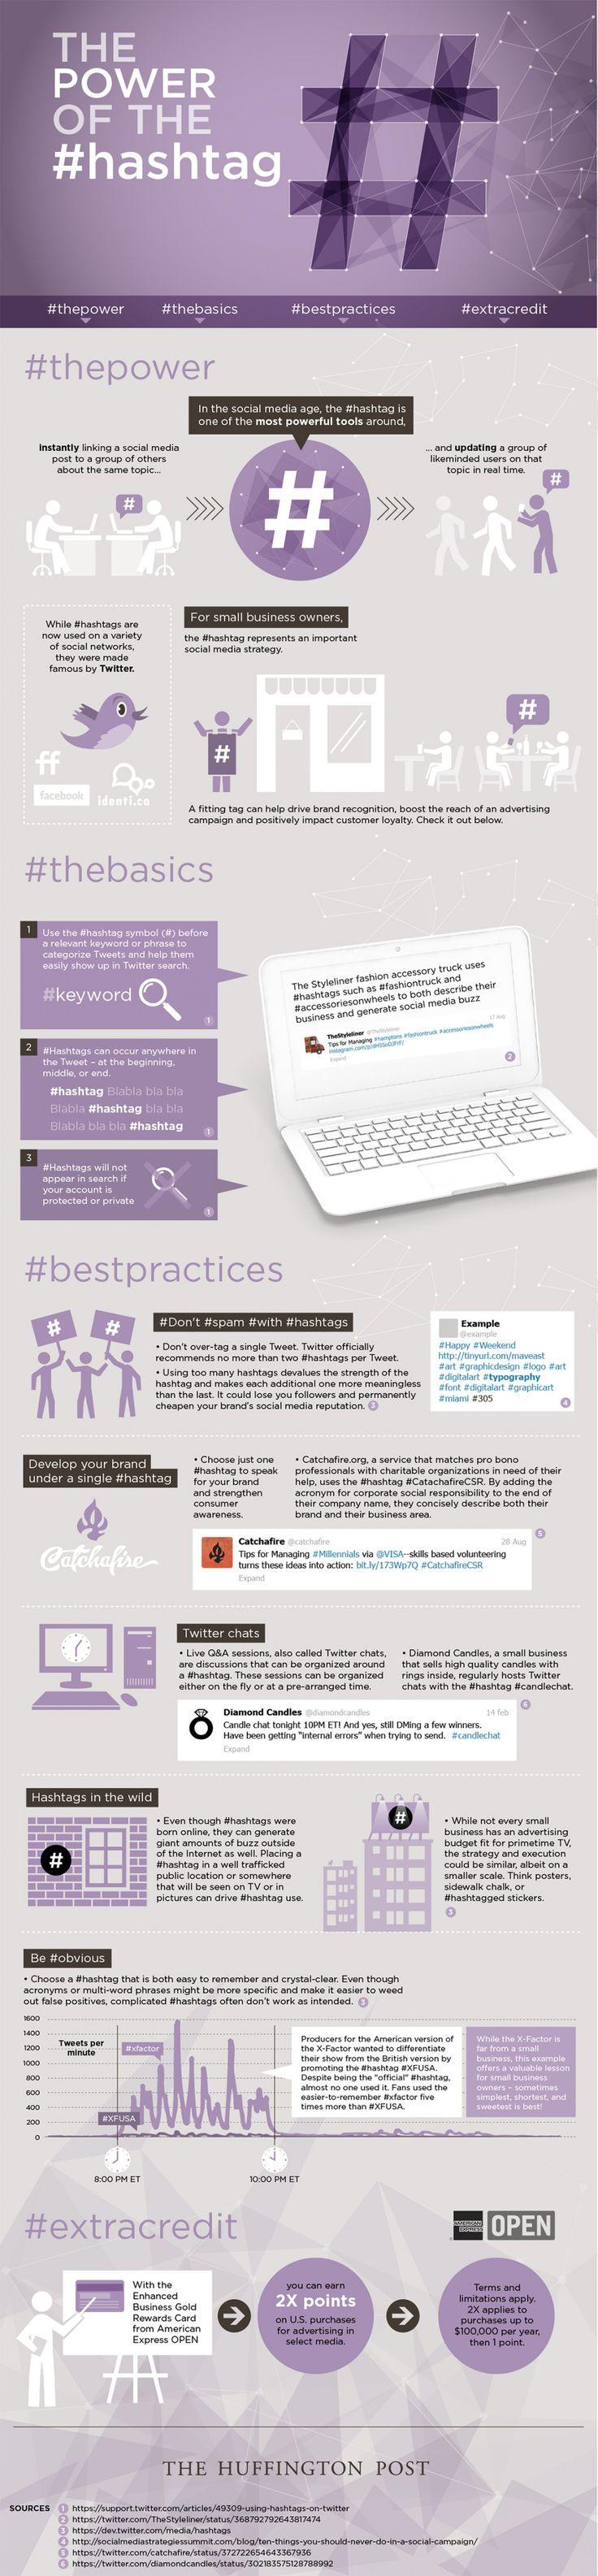 Hashtags são ferramentas vitais para você alcançar as pessoas. Que acha de conhecer as melhores práticas para sua empresa aplicar nas redes sociais?